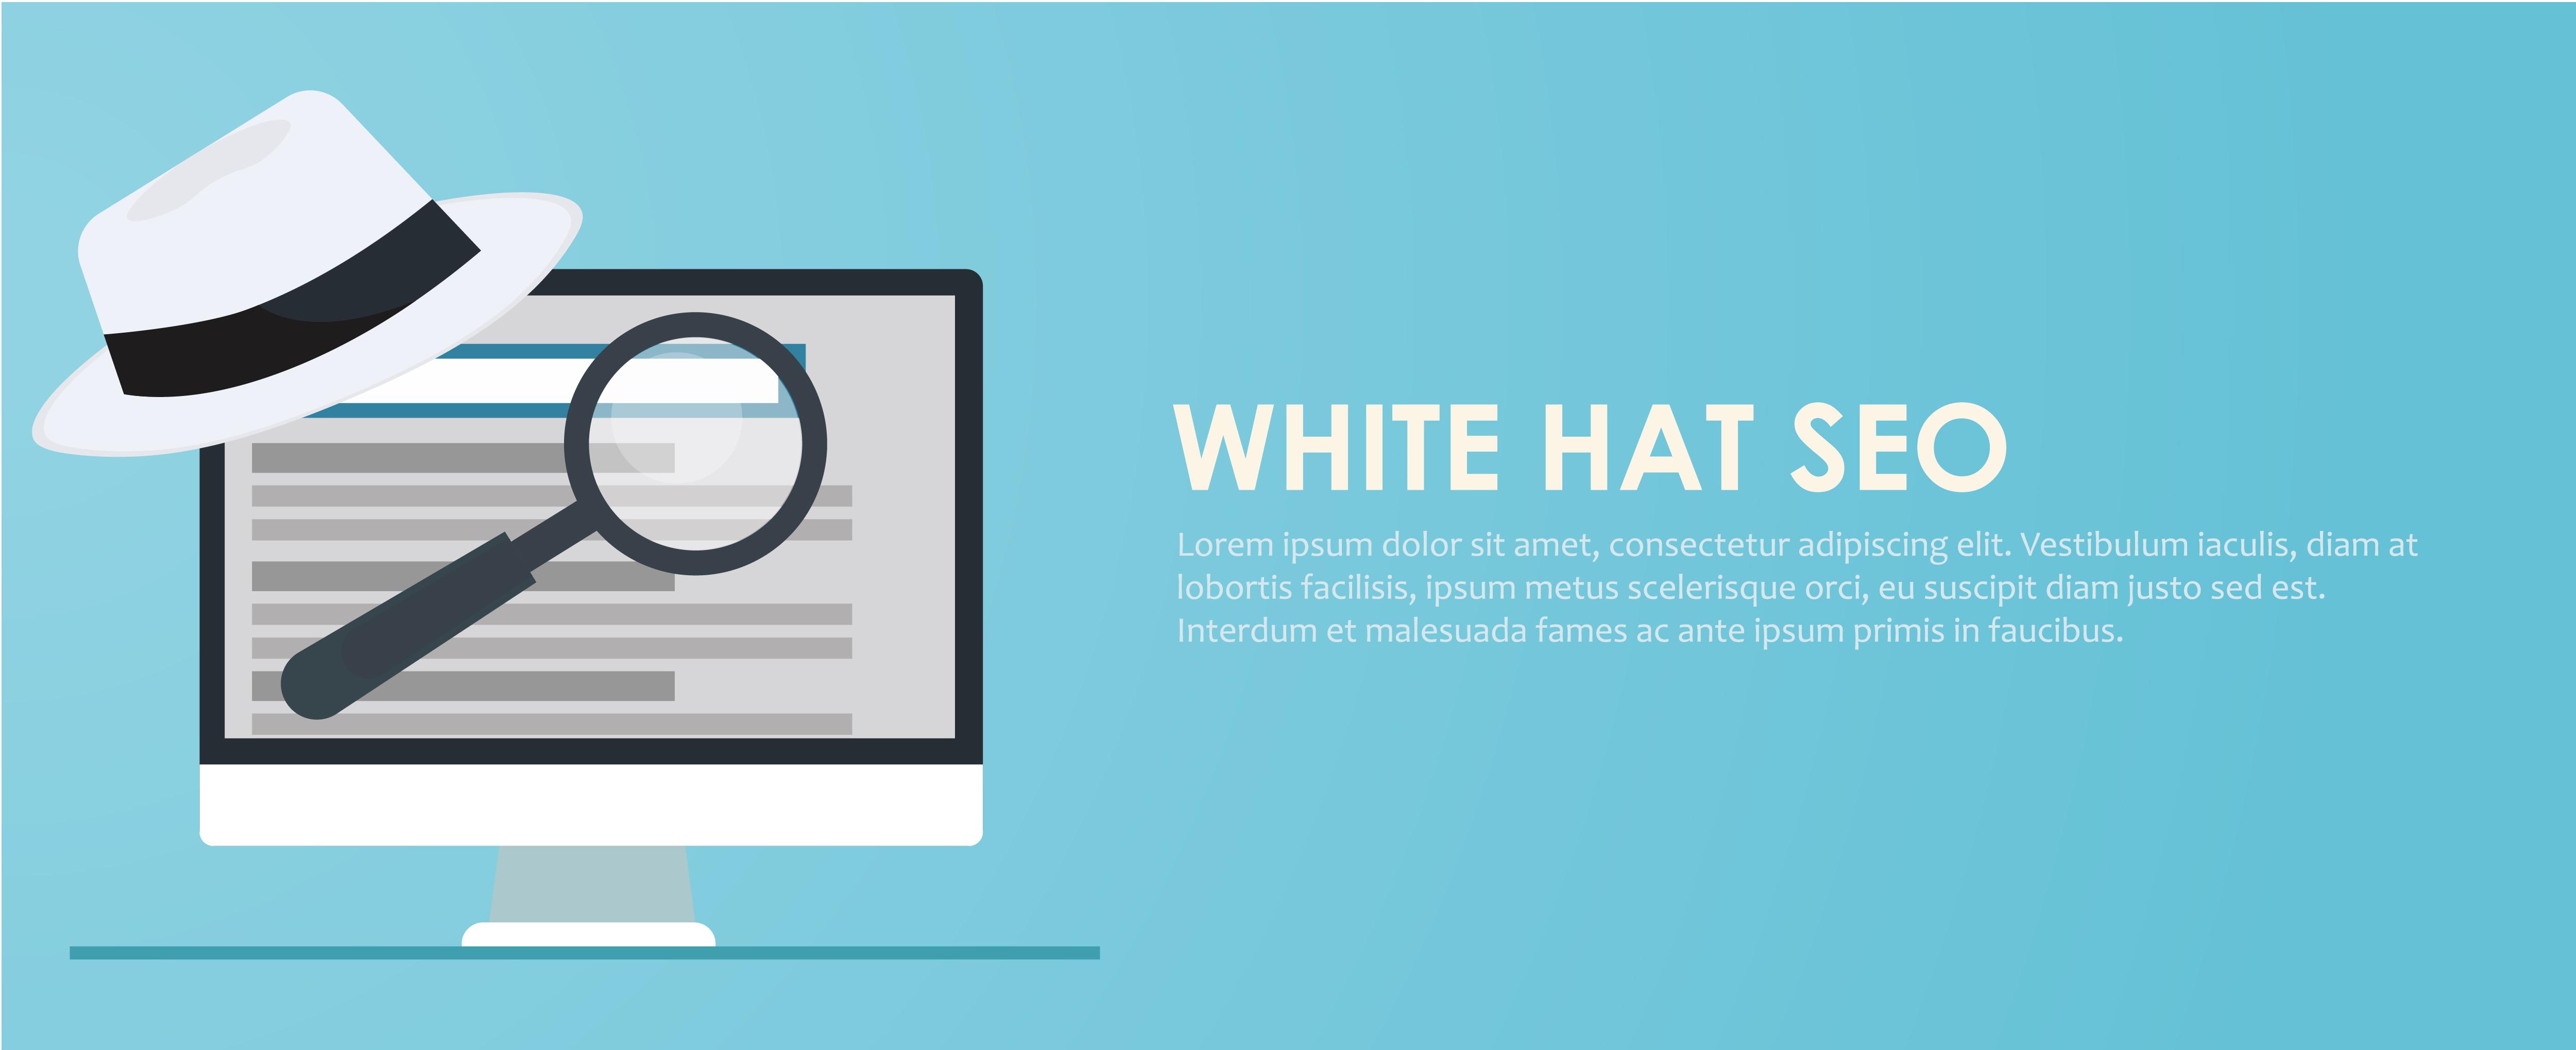 Seo mũ trắng, tầm nhìn xa cho chiến lược phát triển lâu dài seo